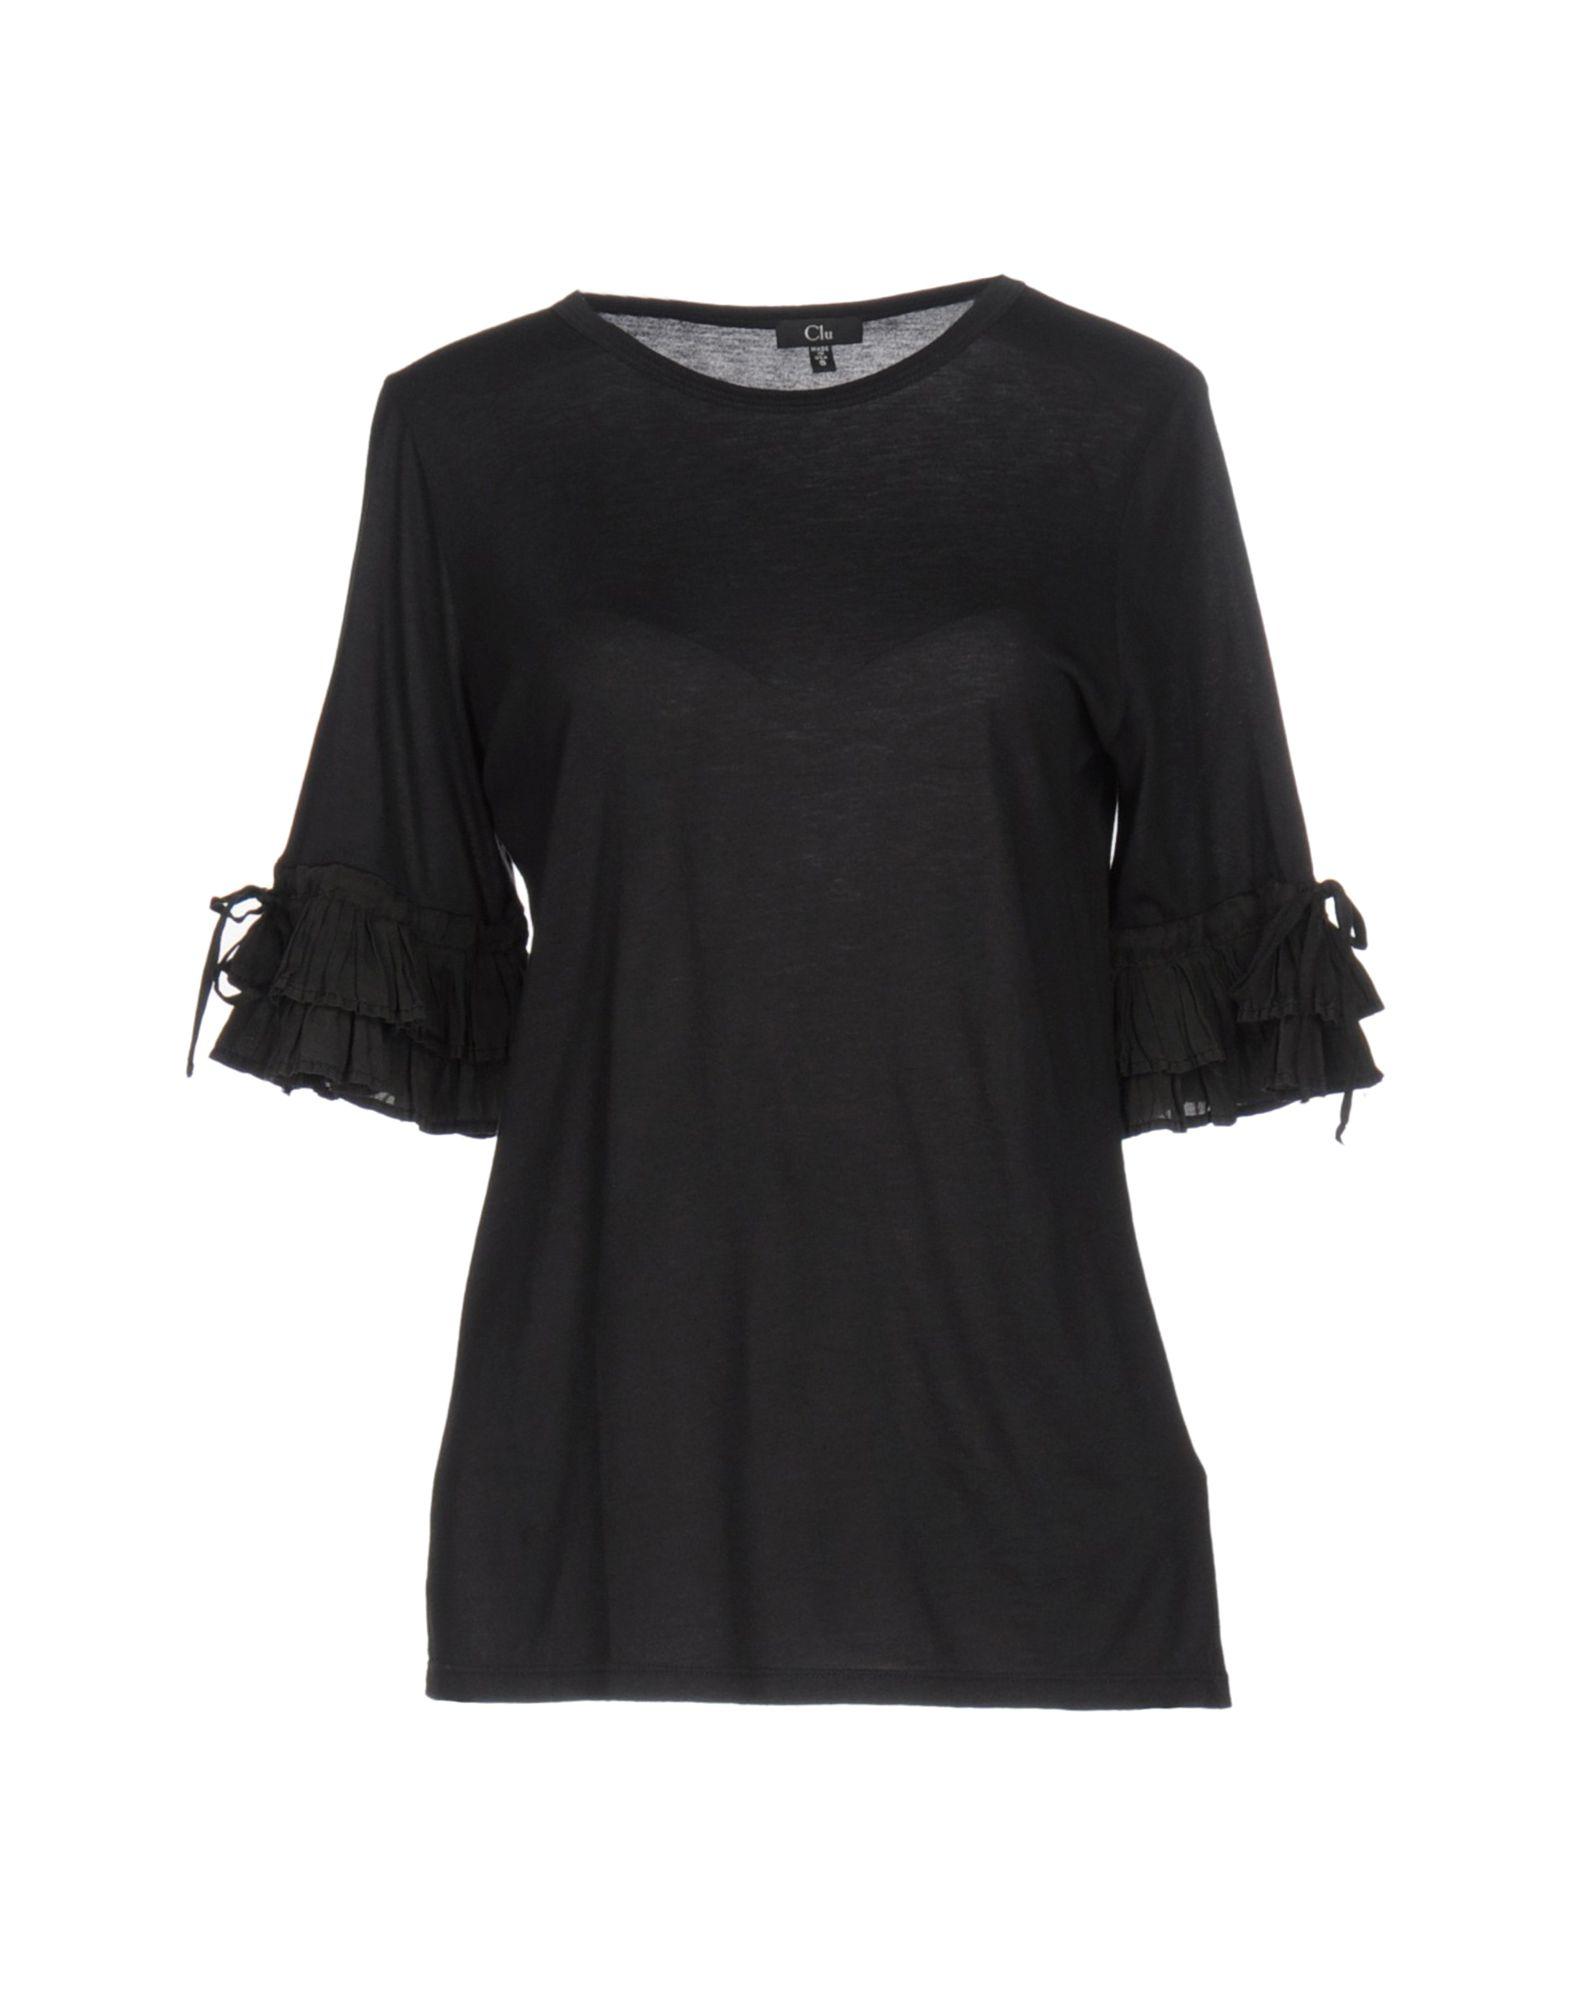 CLU Футболка юбка для девочки yb10545 разноцветный y clu